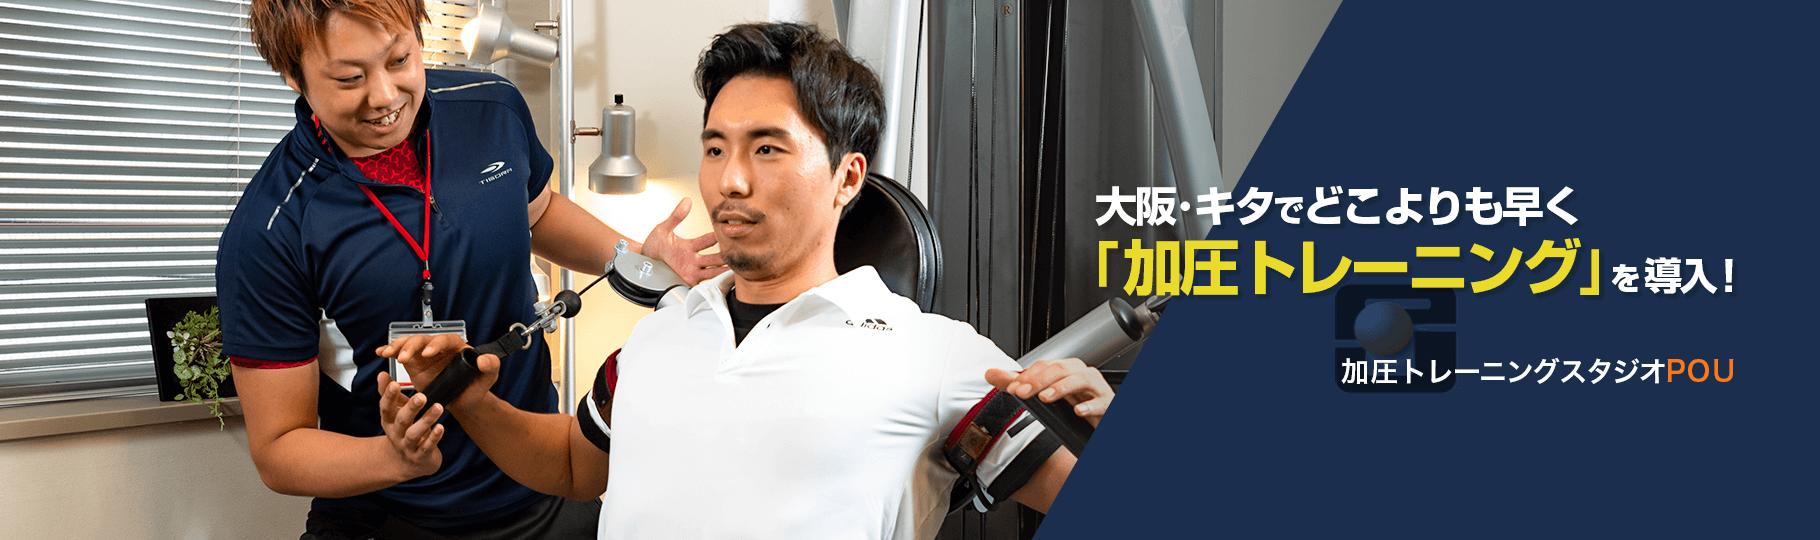 大阪・キタでどこよりも早く「加圧トレーニング」を導入!加圧トレーニングスタジオPOU